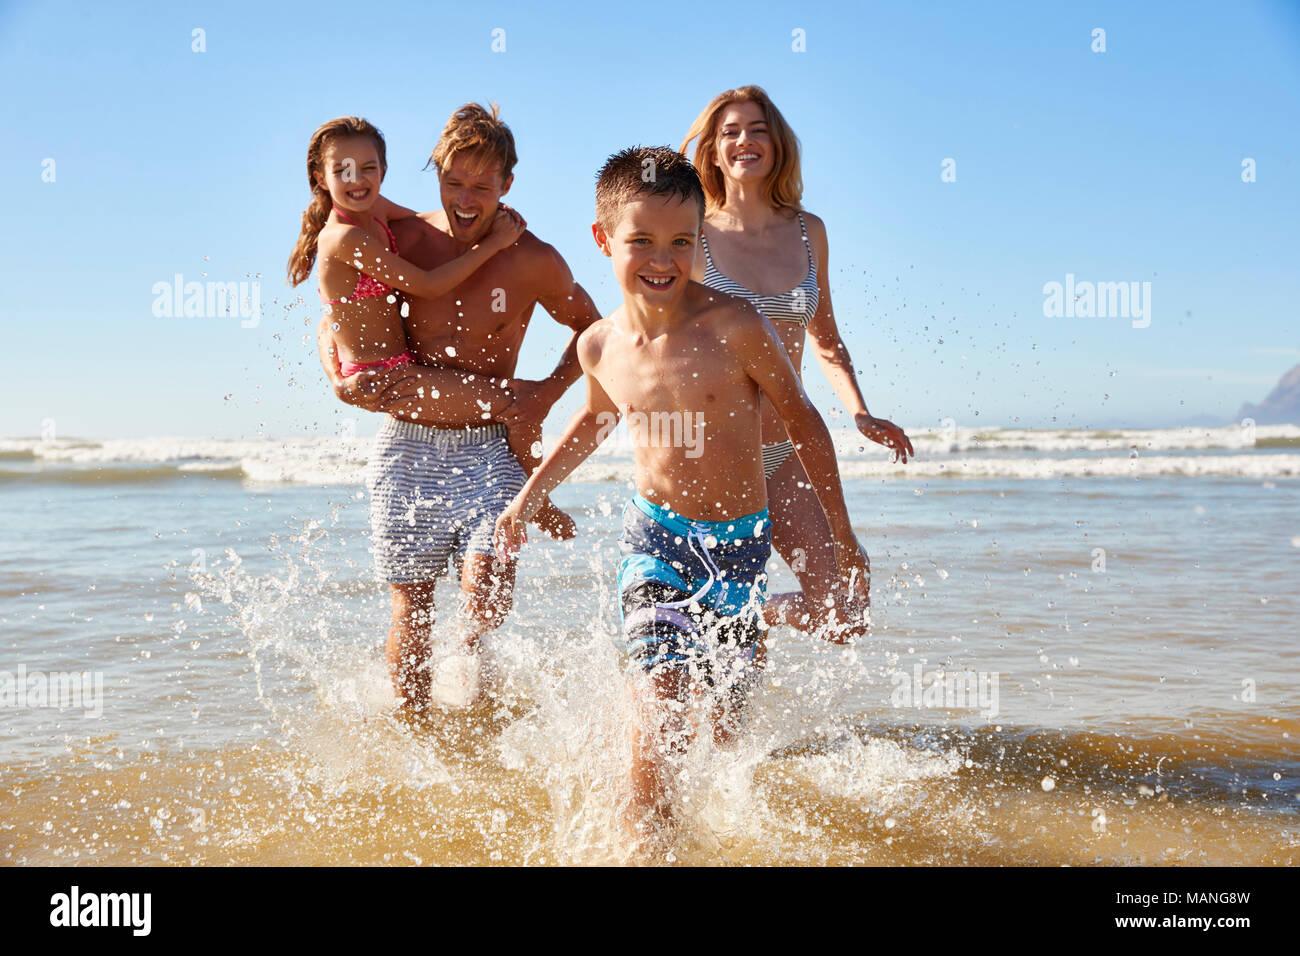 Familia de vacaciones en la playa en verano ejecutar fuera del mar hacia la cámara Imagen De Stock